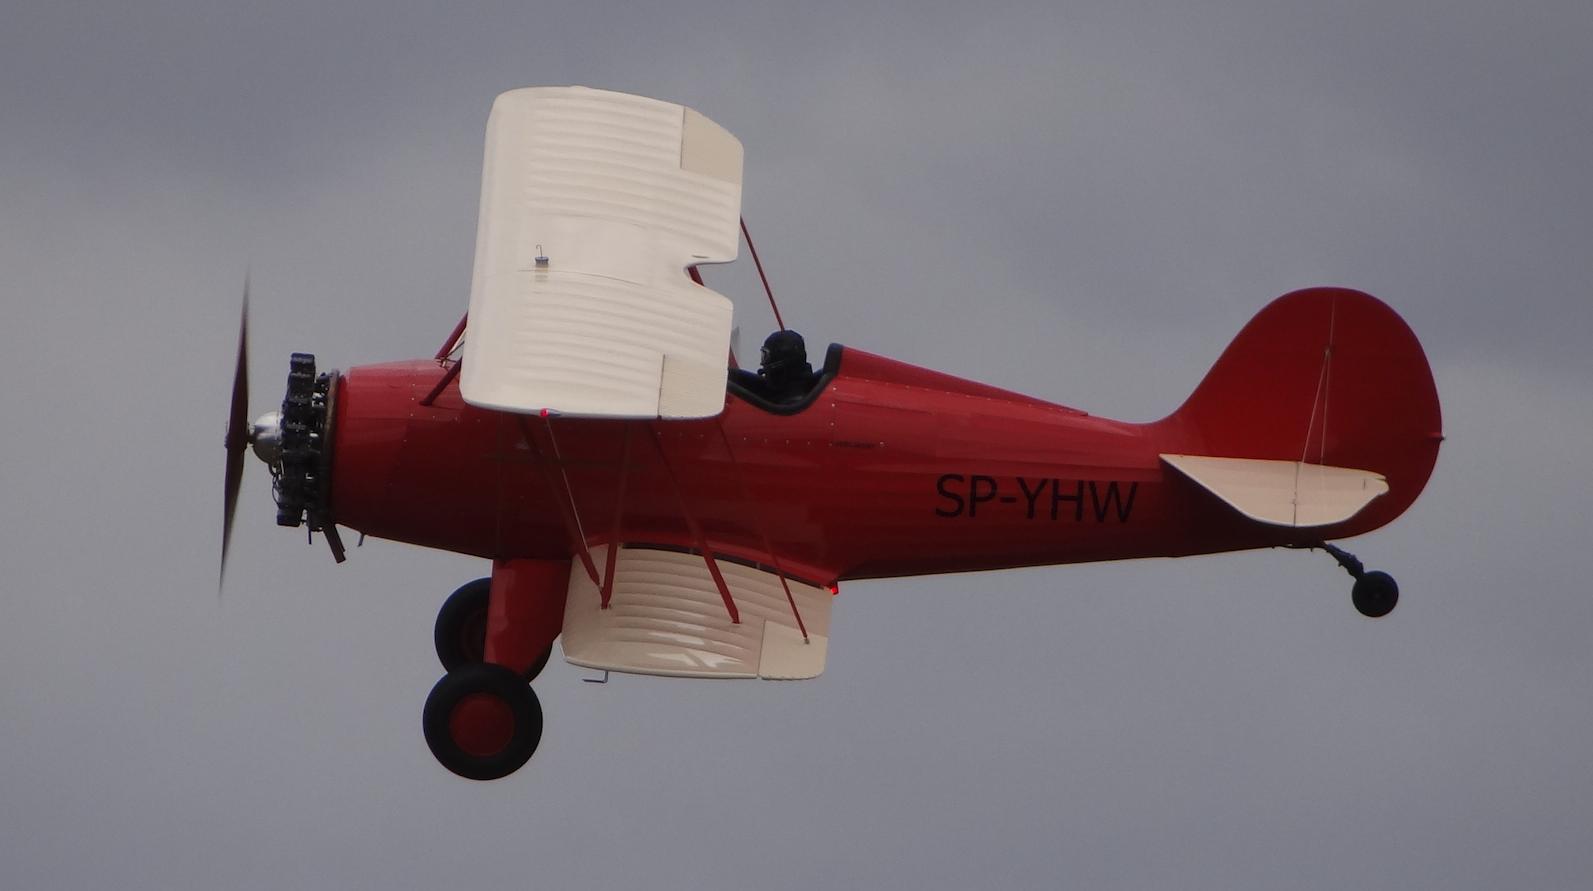 Samolot amatorski Hatz CB-1 SP-YHW z 60-lat do własnego montażu. 2018 rok.Zdjęcie Karol Placha Hetman